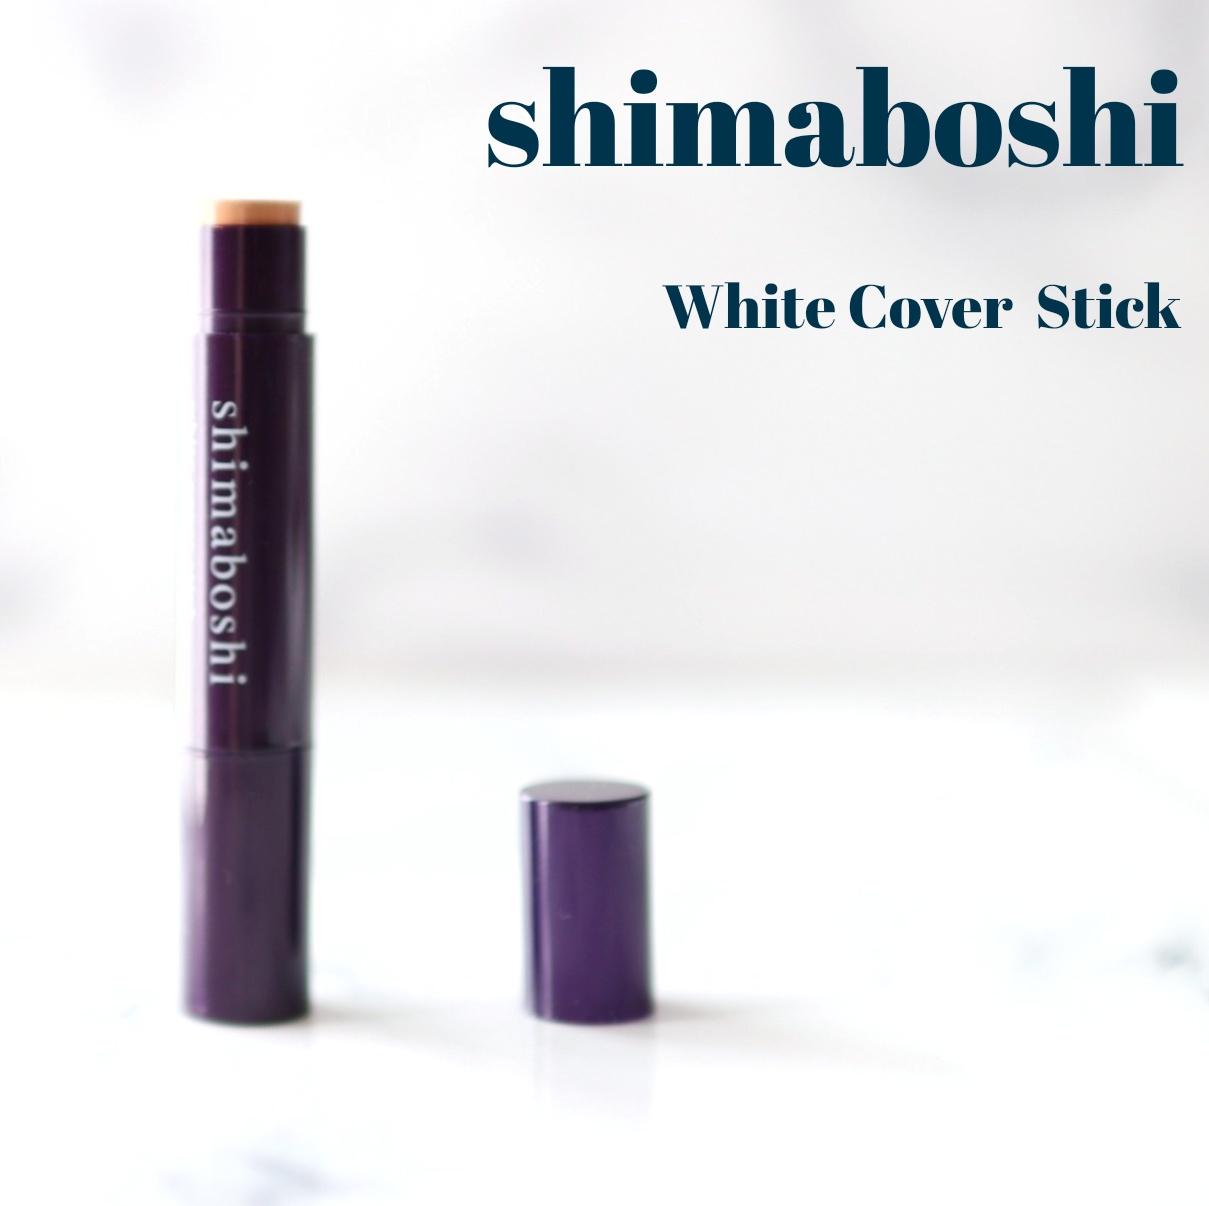 shimaboshi(シマボシ) ホワイトカバースティックの良い点・メリットに関するみり俵@冬ビビ春ビビさんの口コミ画像1